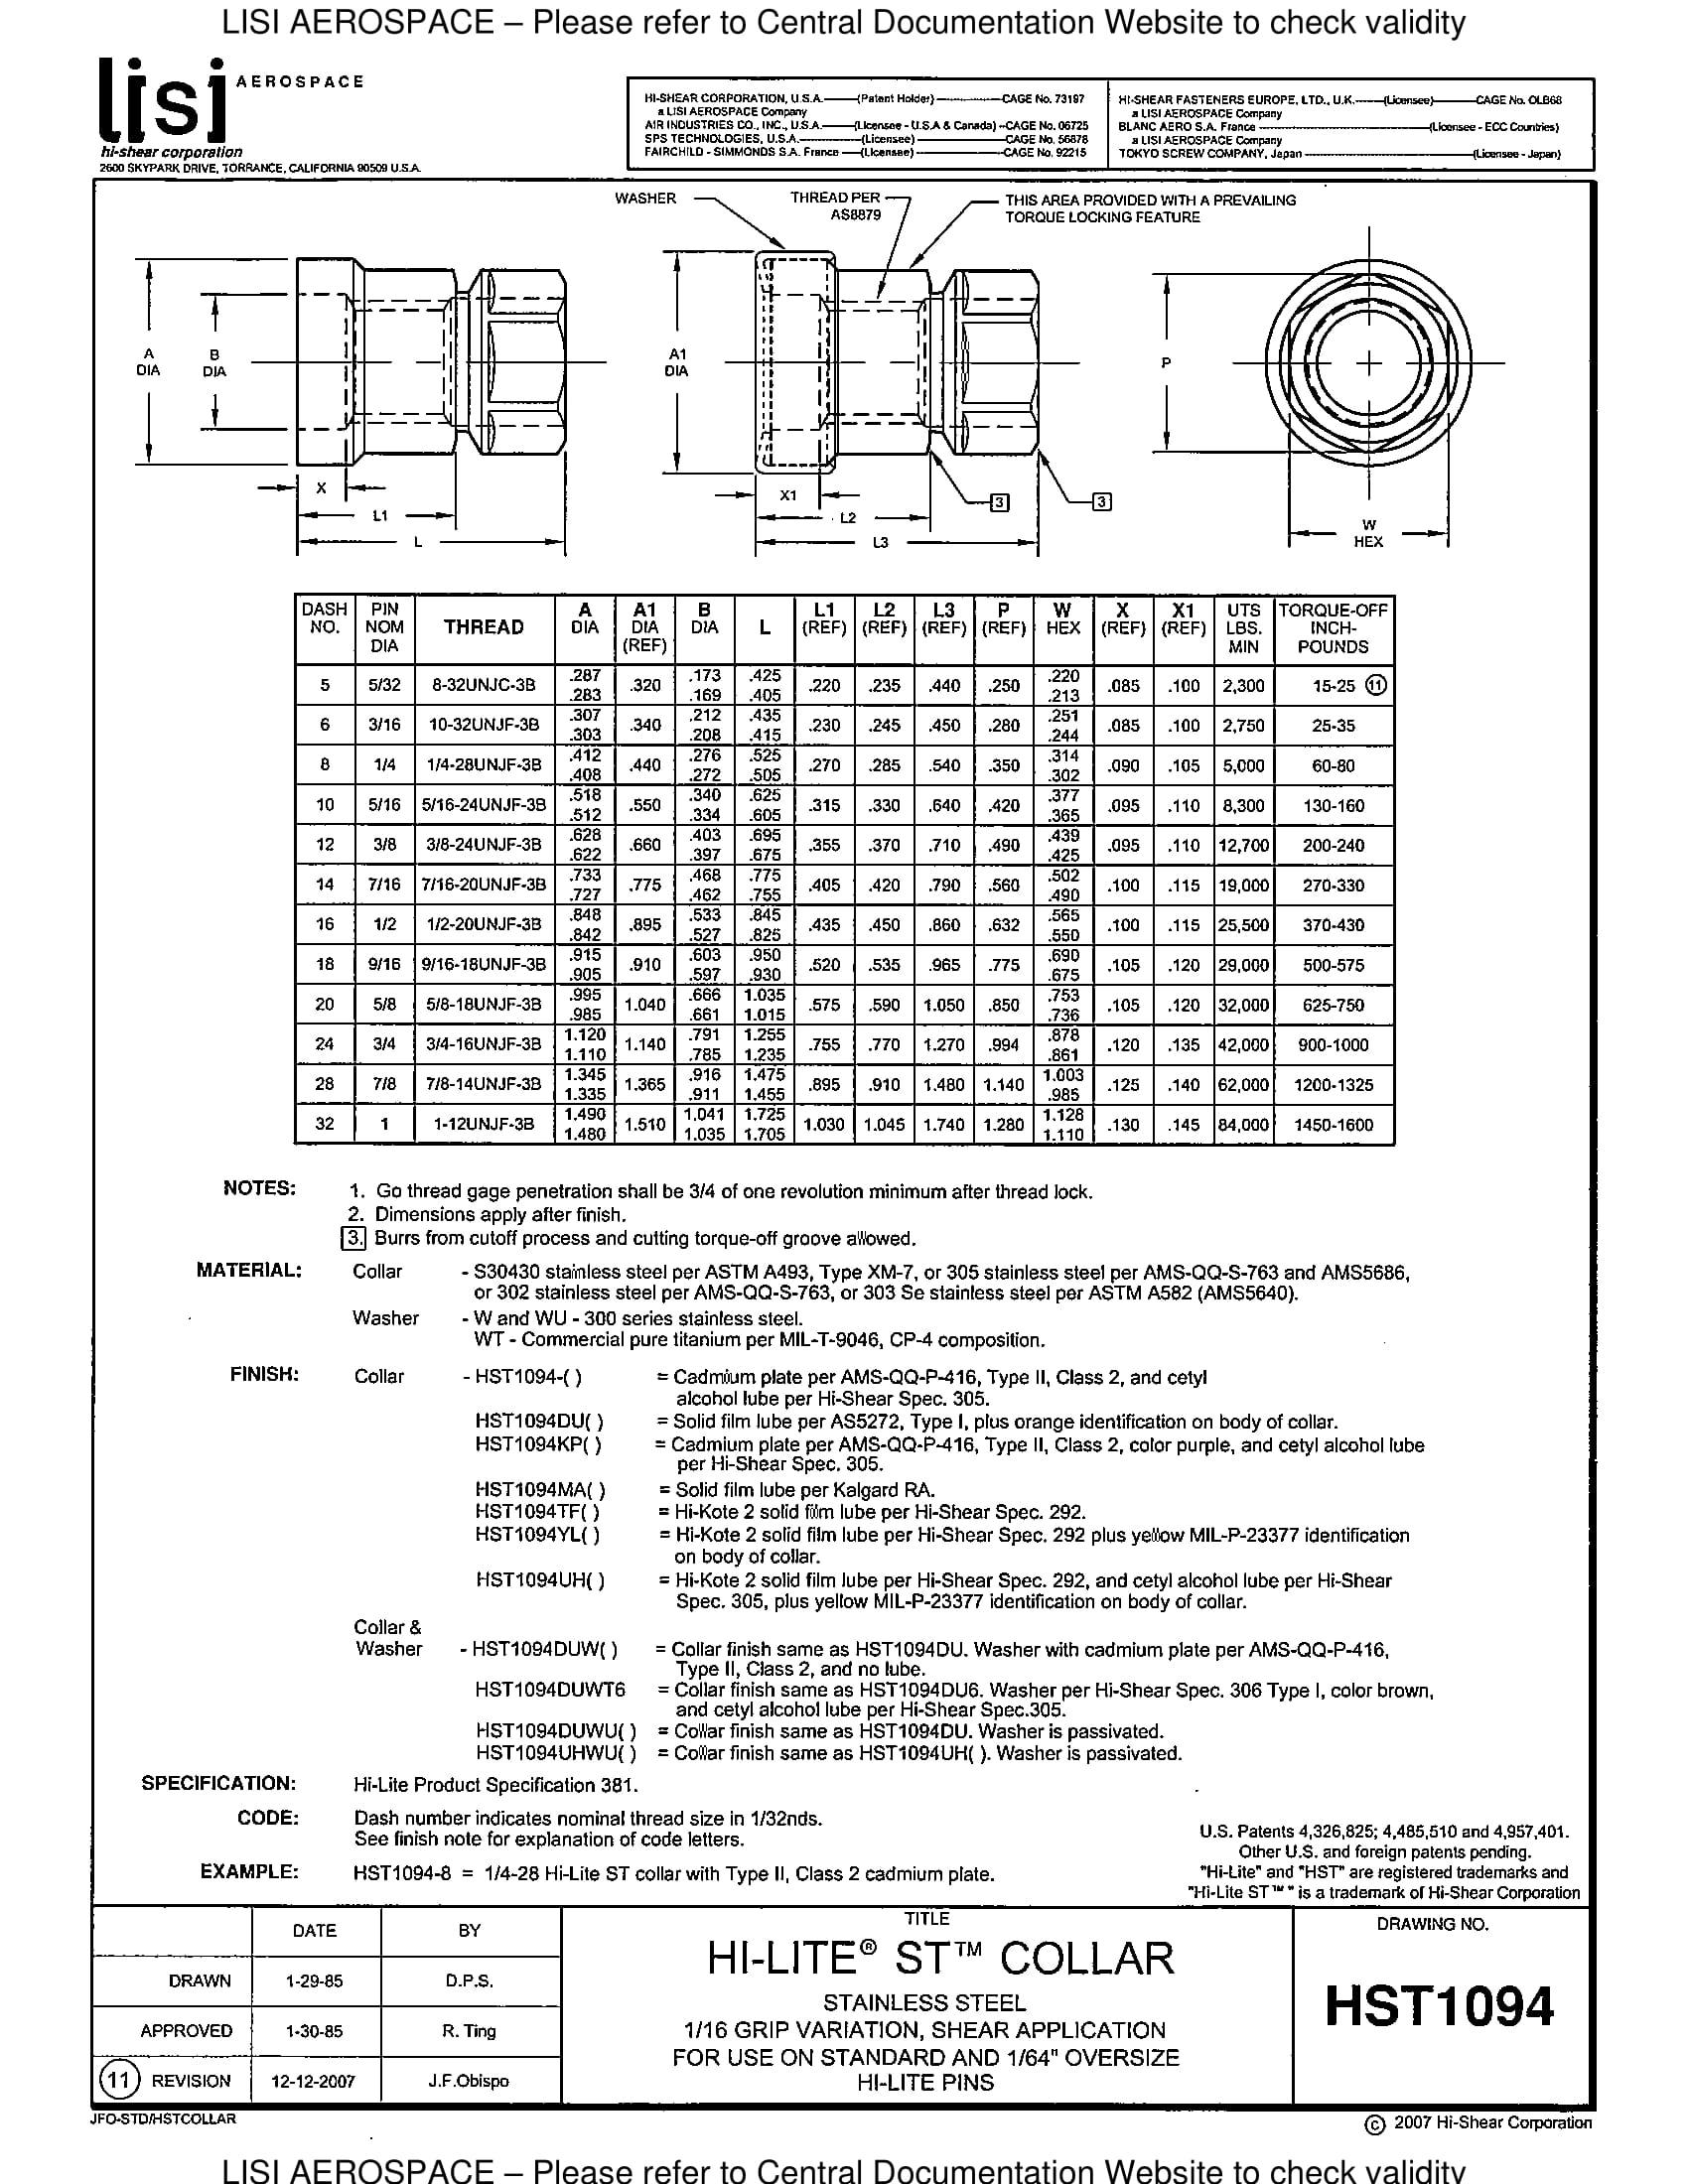 HST1094